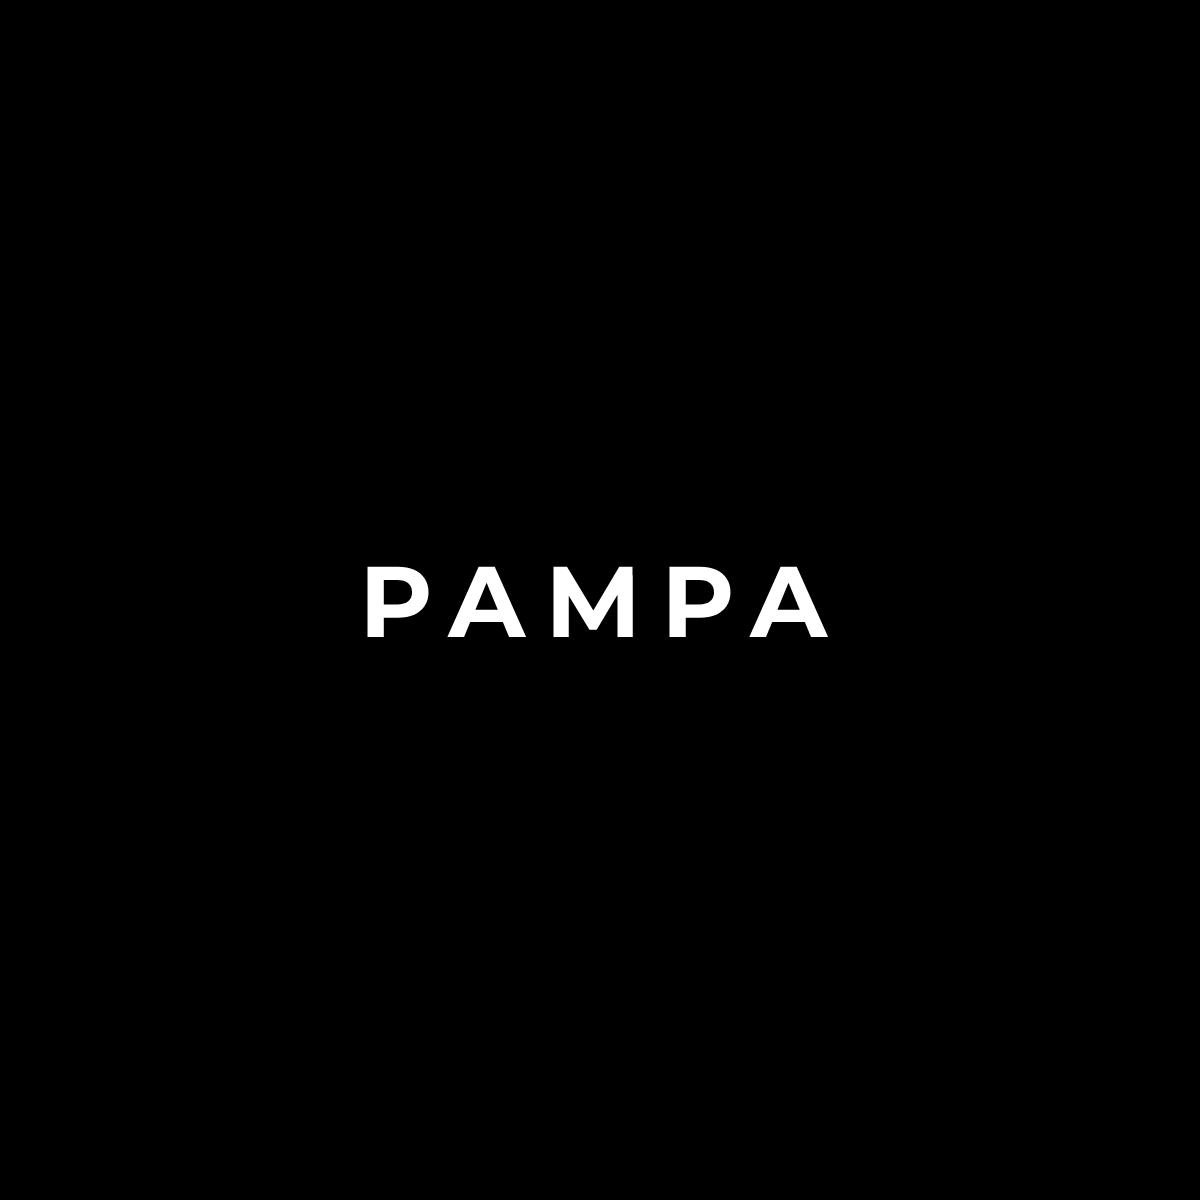 logo-pampa-peru-tienda-online